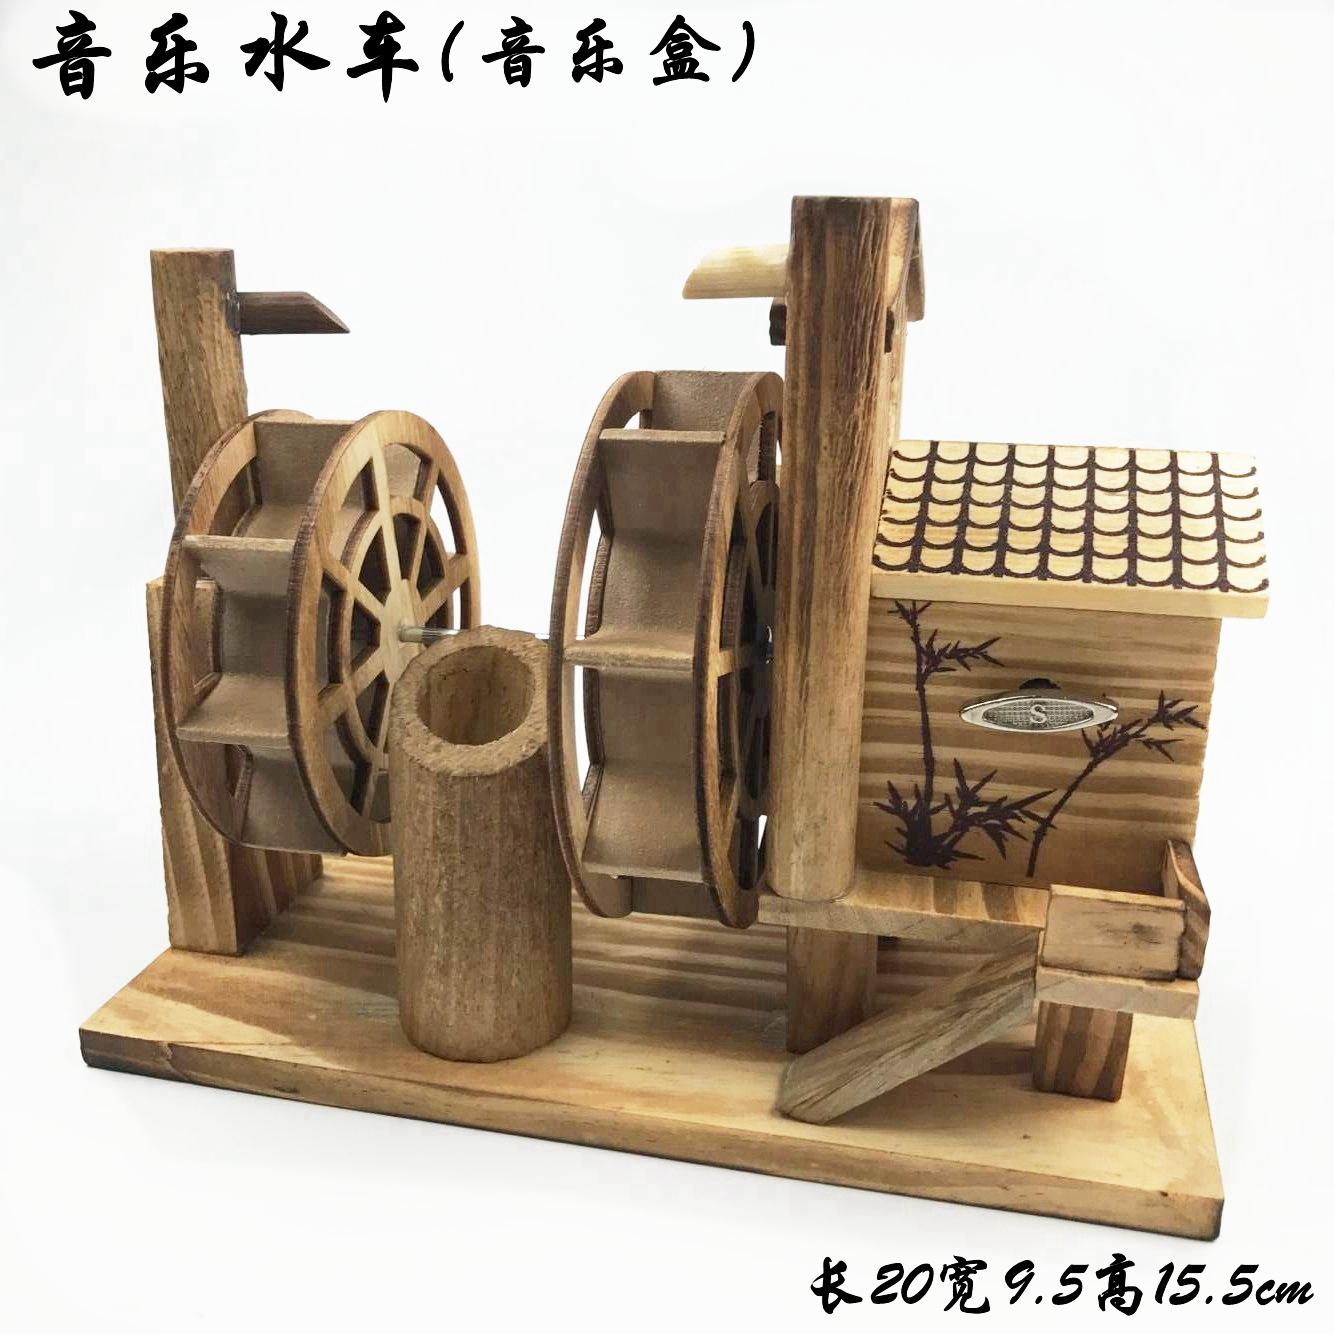 木製工艺品摆饰创意家居客厅装饰摆件復古仿真模型手工木製摆件详细照片